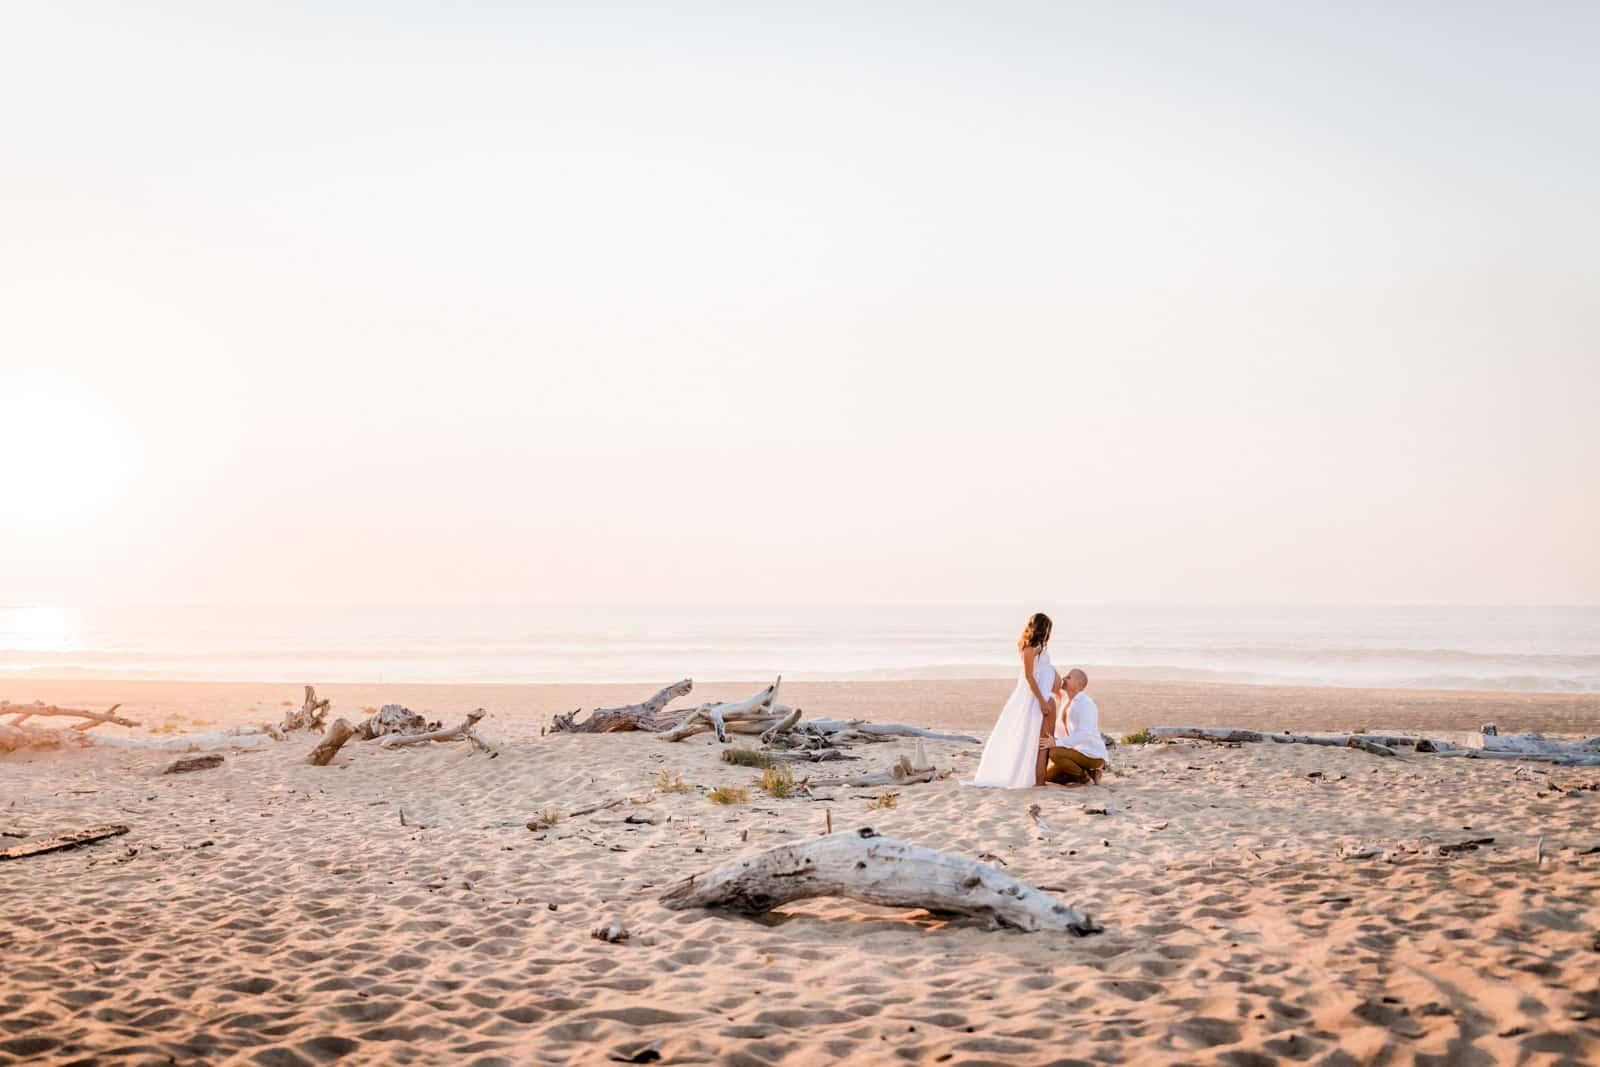 Photographie de Mathieu Dété, photographe de mariage et naissance à Saint-Gilles de la Réunion 974, présentant des futurs parents amoureux sur la plage